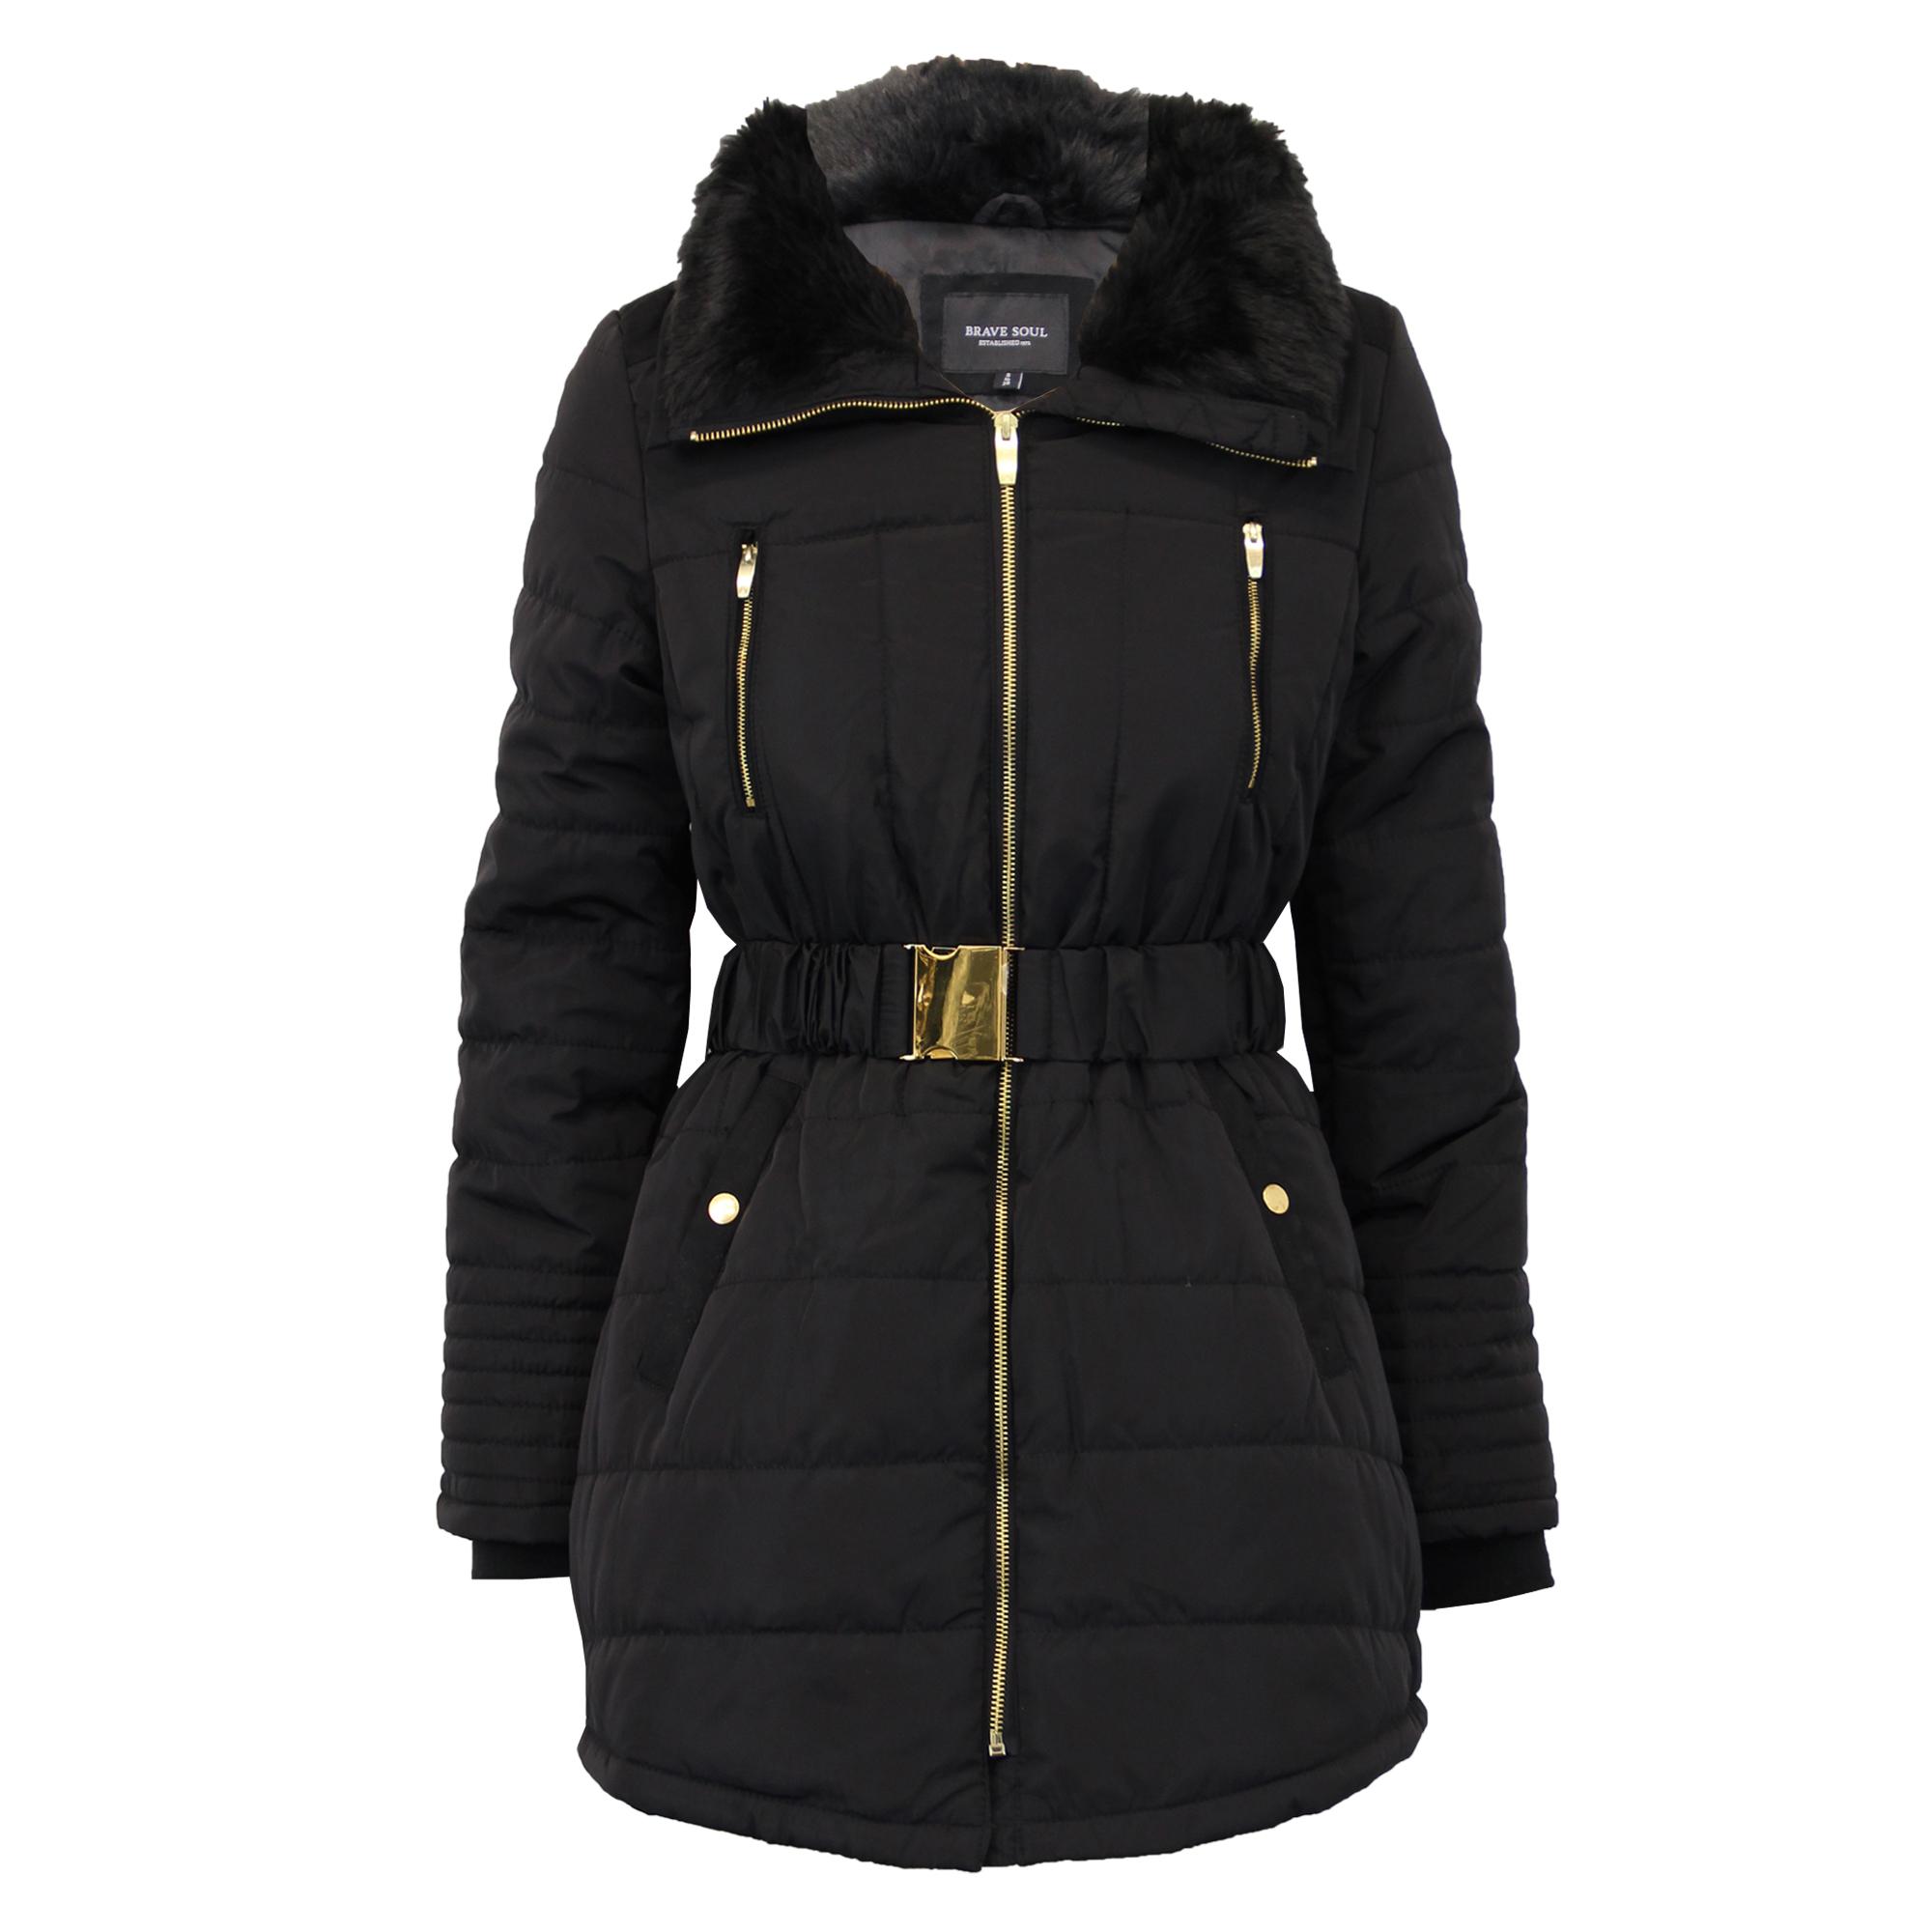 ladies parka jacket womens brave soul coat padded hooded. Black Bedroom Furniture Sets. Home Design Ideas